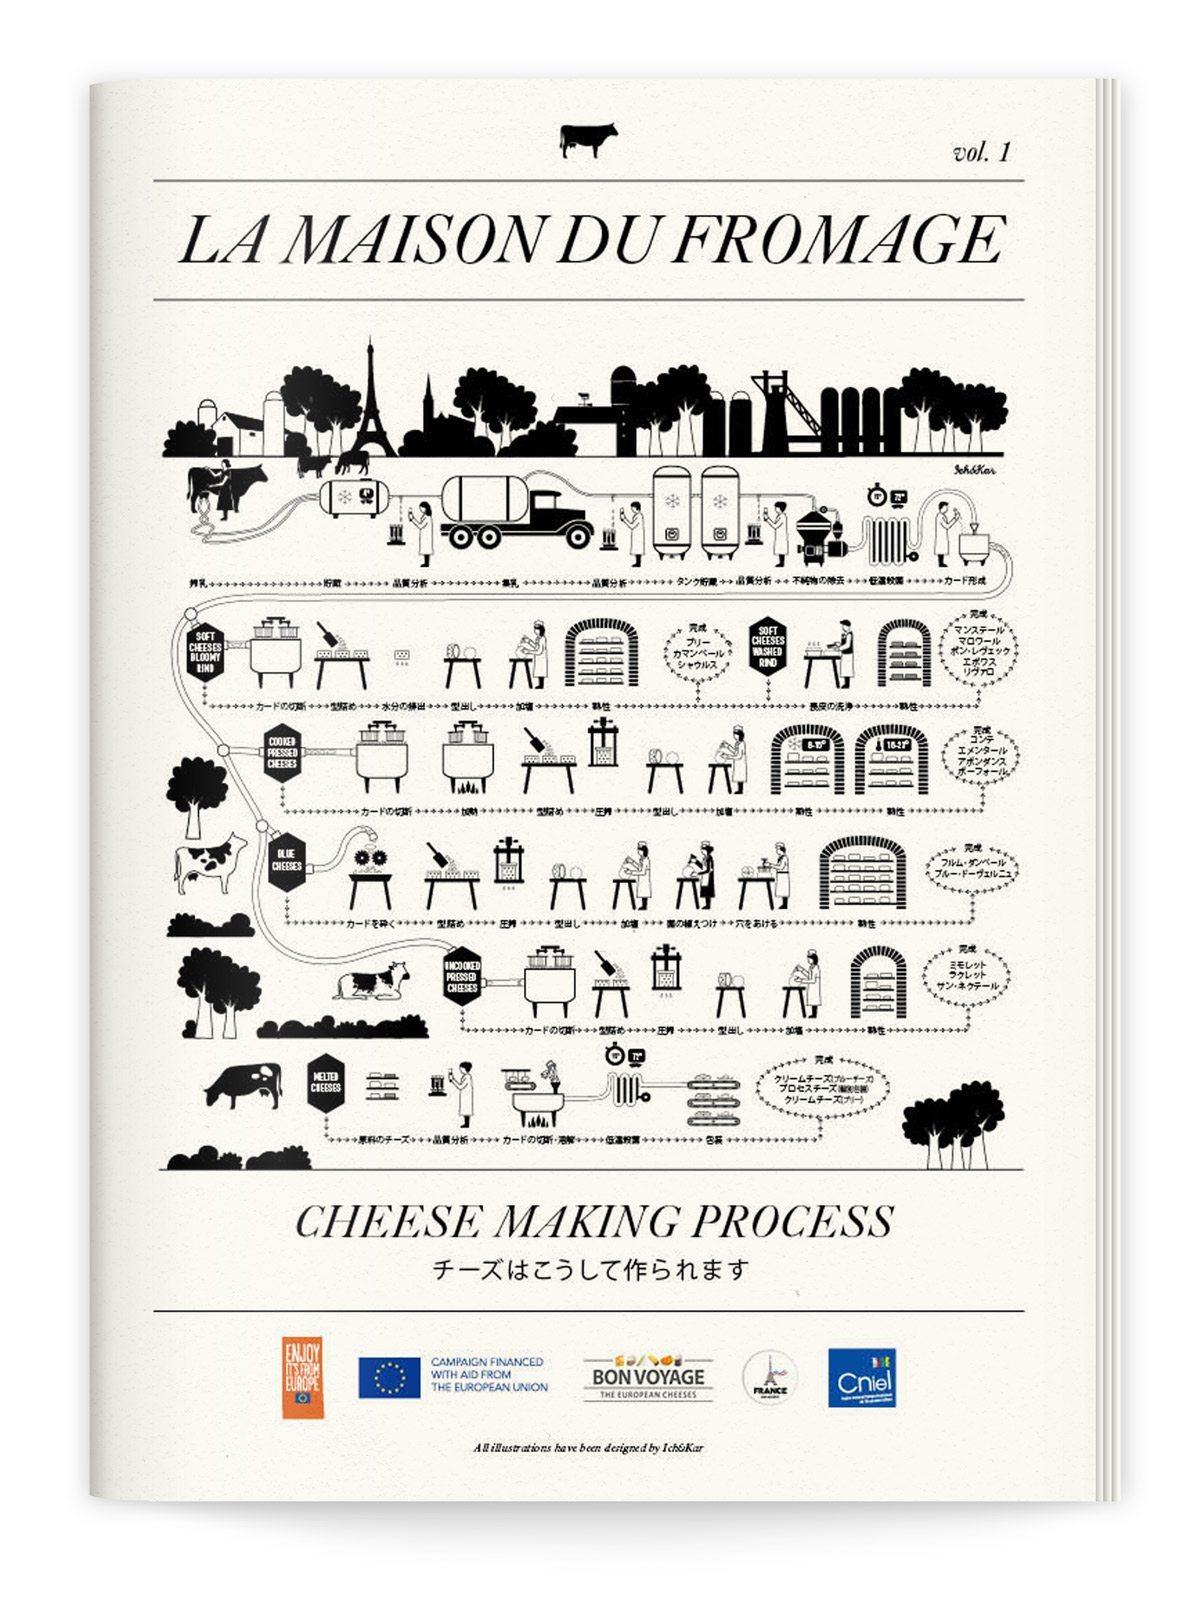 maison-du-fromage_tokyo_fascicule_couverture